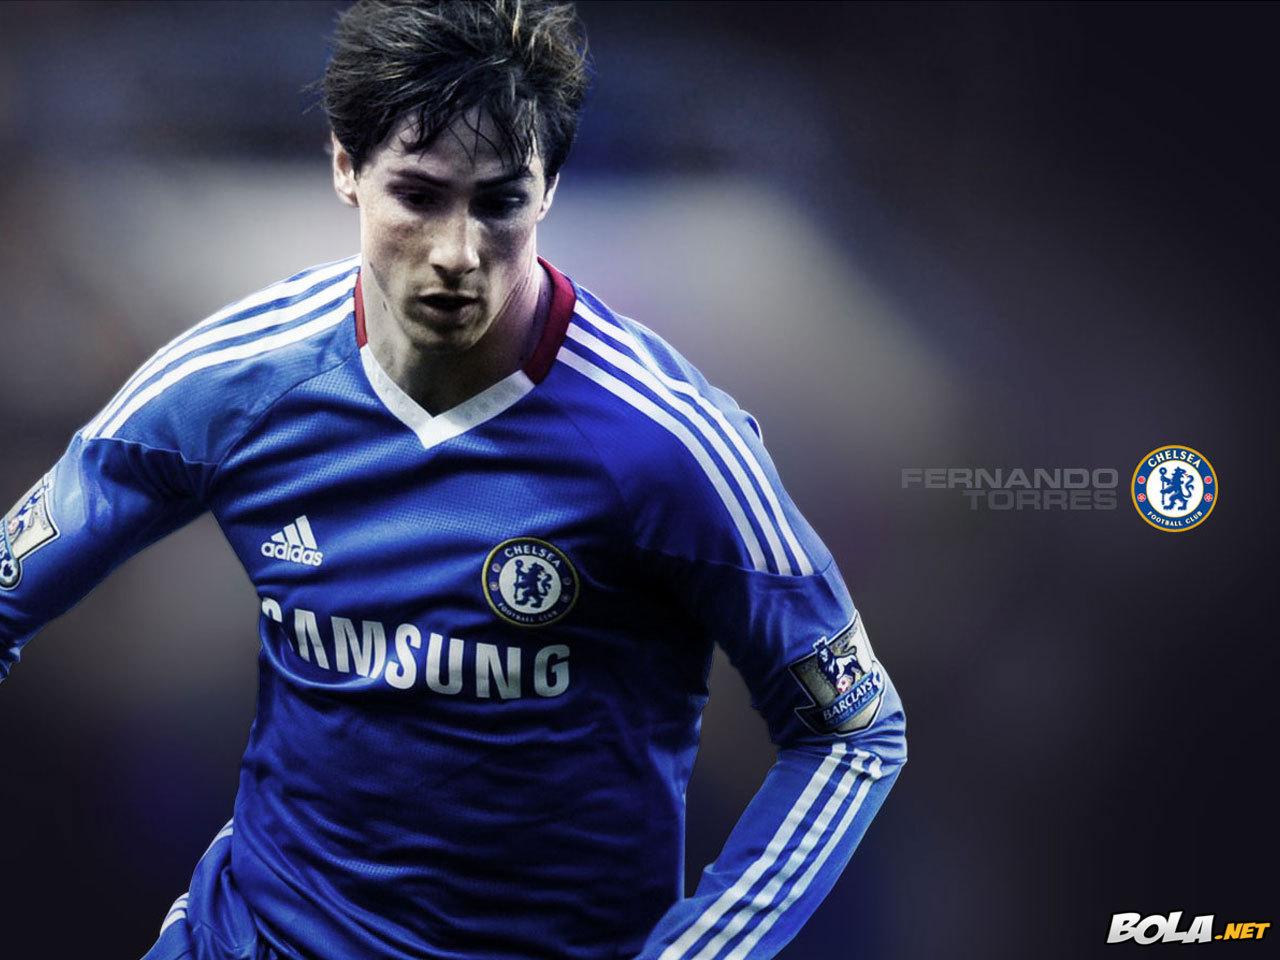 سجل حضورك بإسم اللاعب المفضل لديك  Fernando%2Btorres%2Bwallpaper